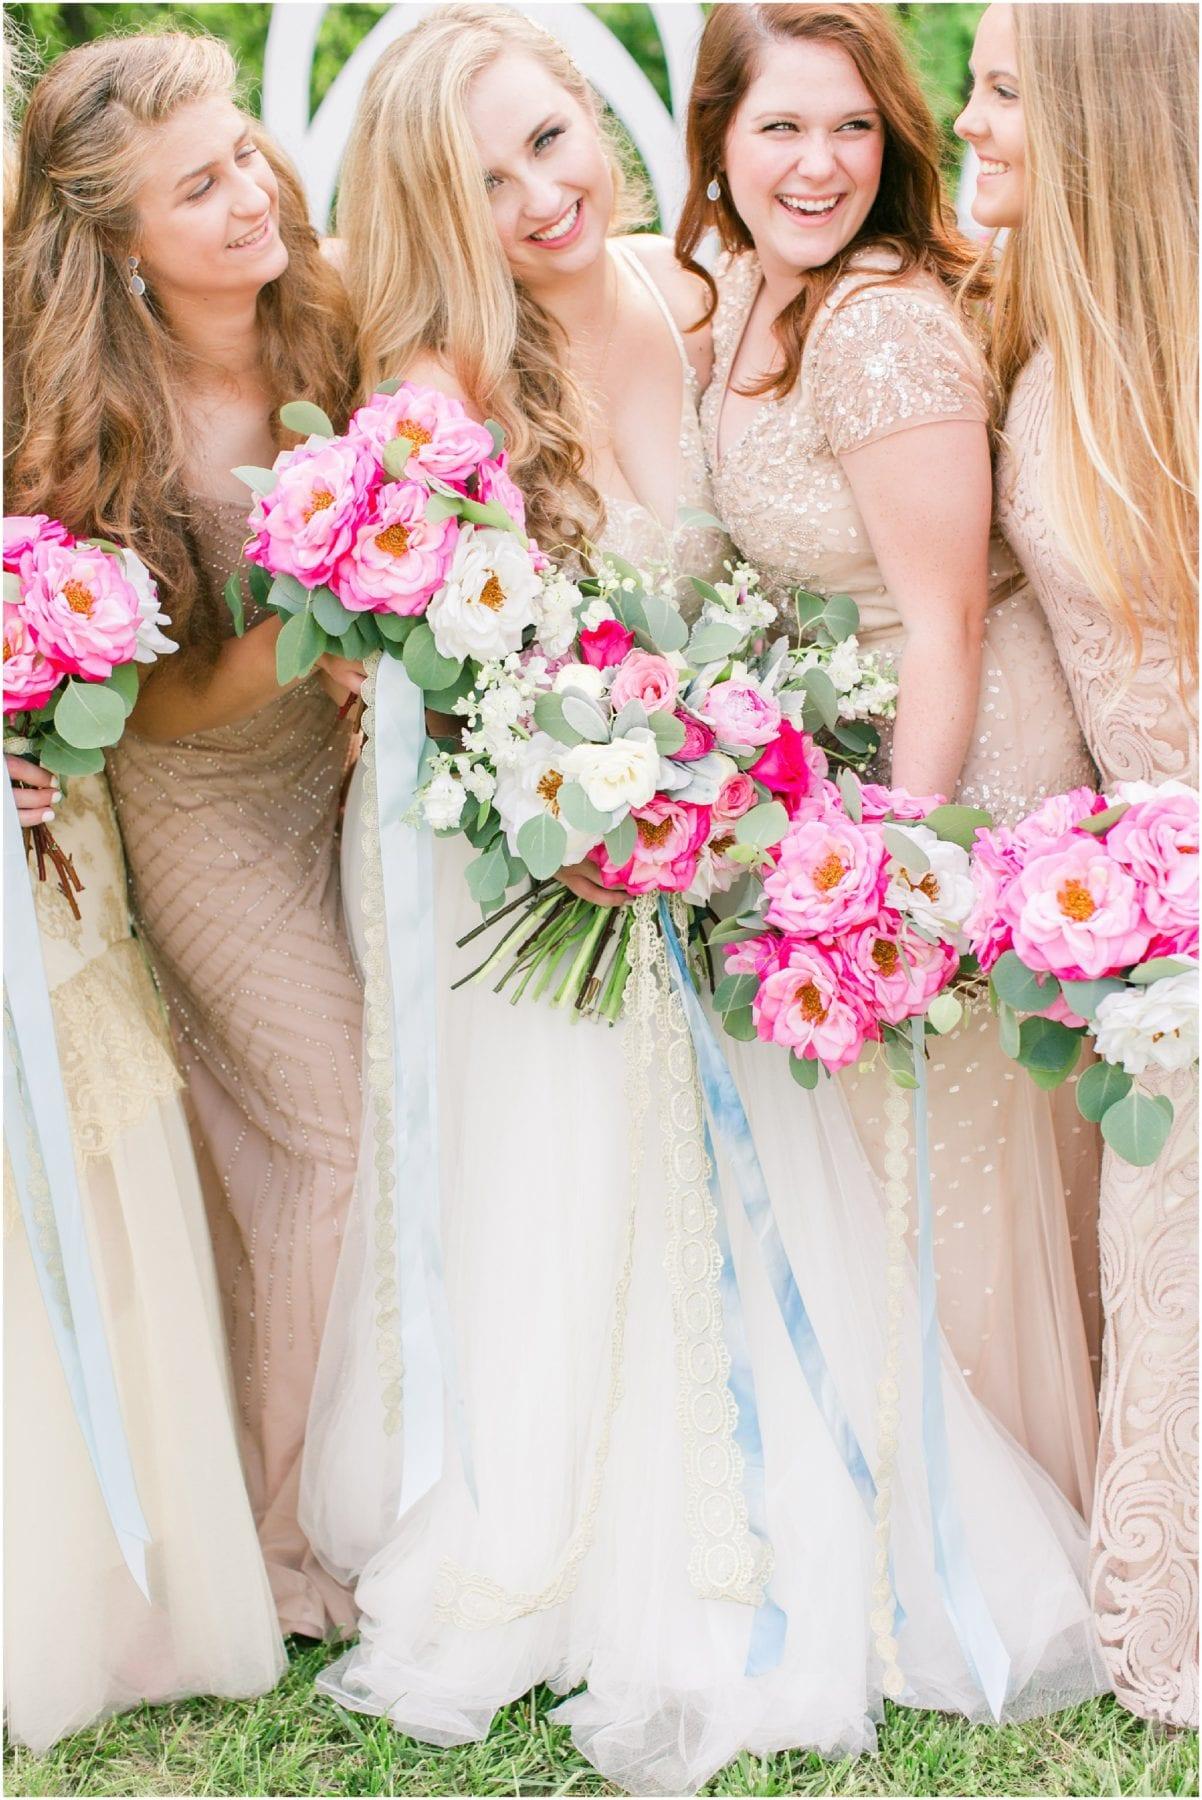 Maryland Backyard Wedding Photos Kelly & Zach Megan Kelsey Photography-150.jpg